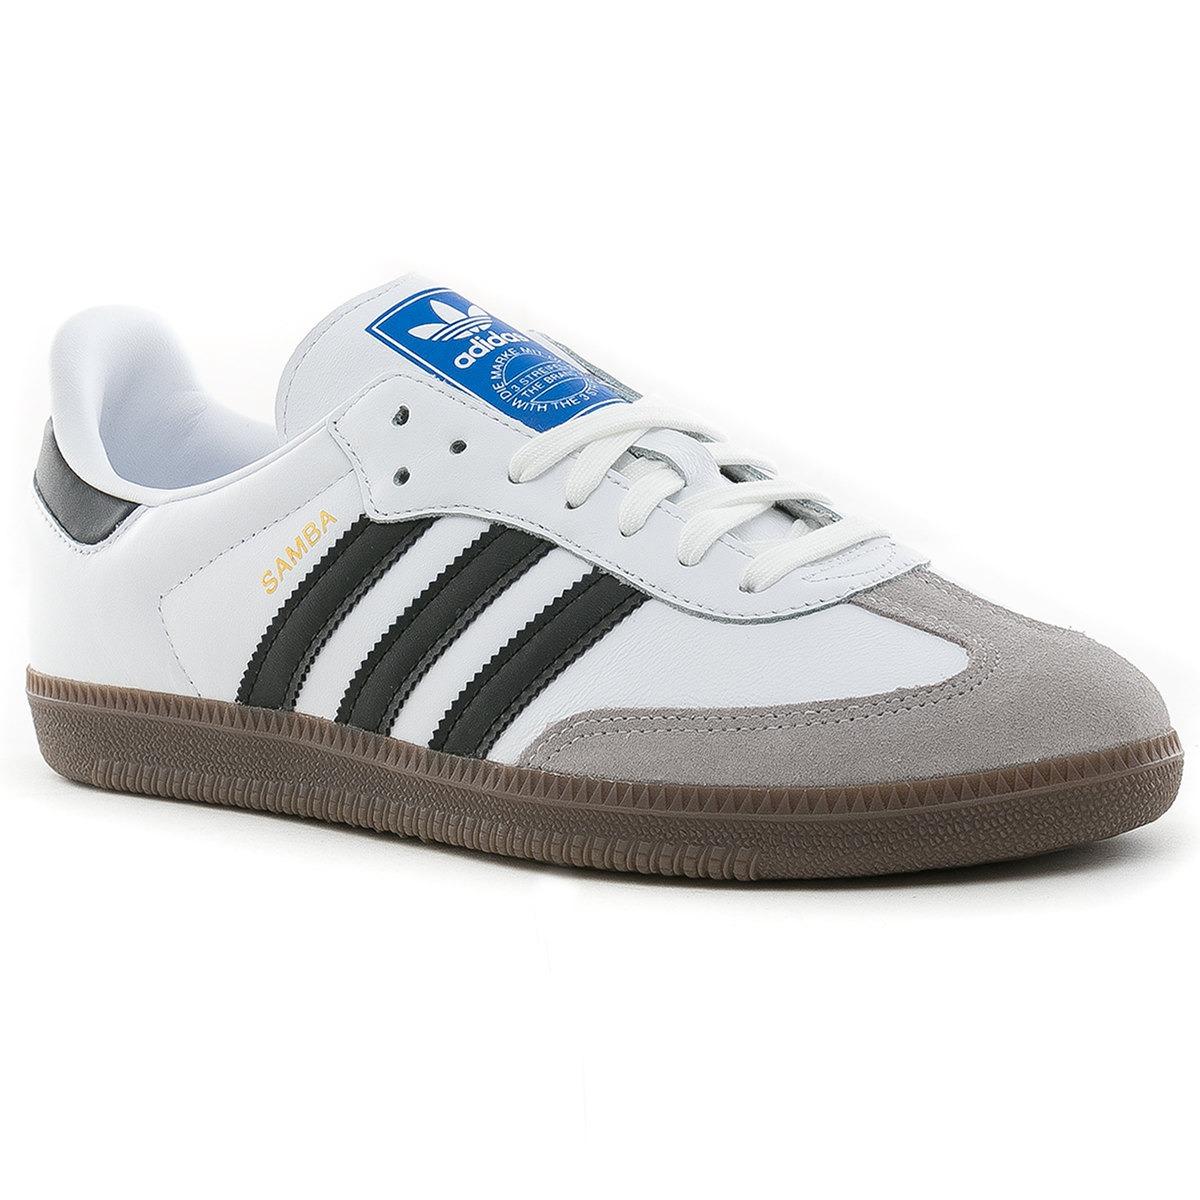 super popular 38eb9 87a20 Tienda Oficial Samba Blanco Zapatillas Og Originals 699 Adidas 2 qzwqagv